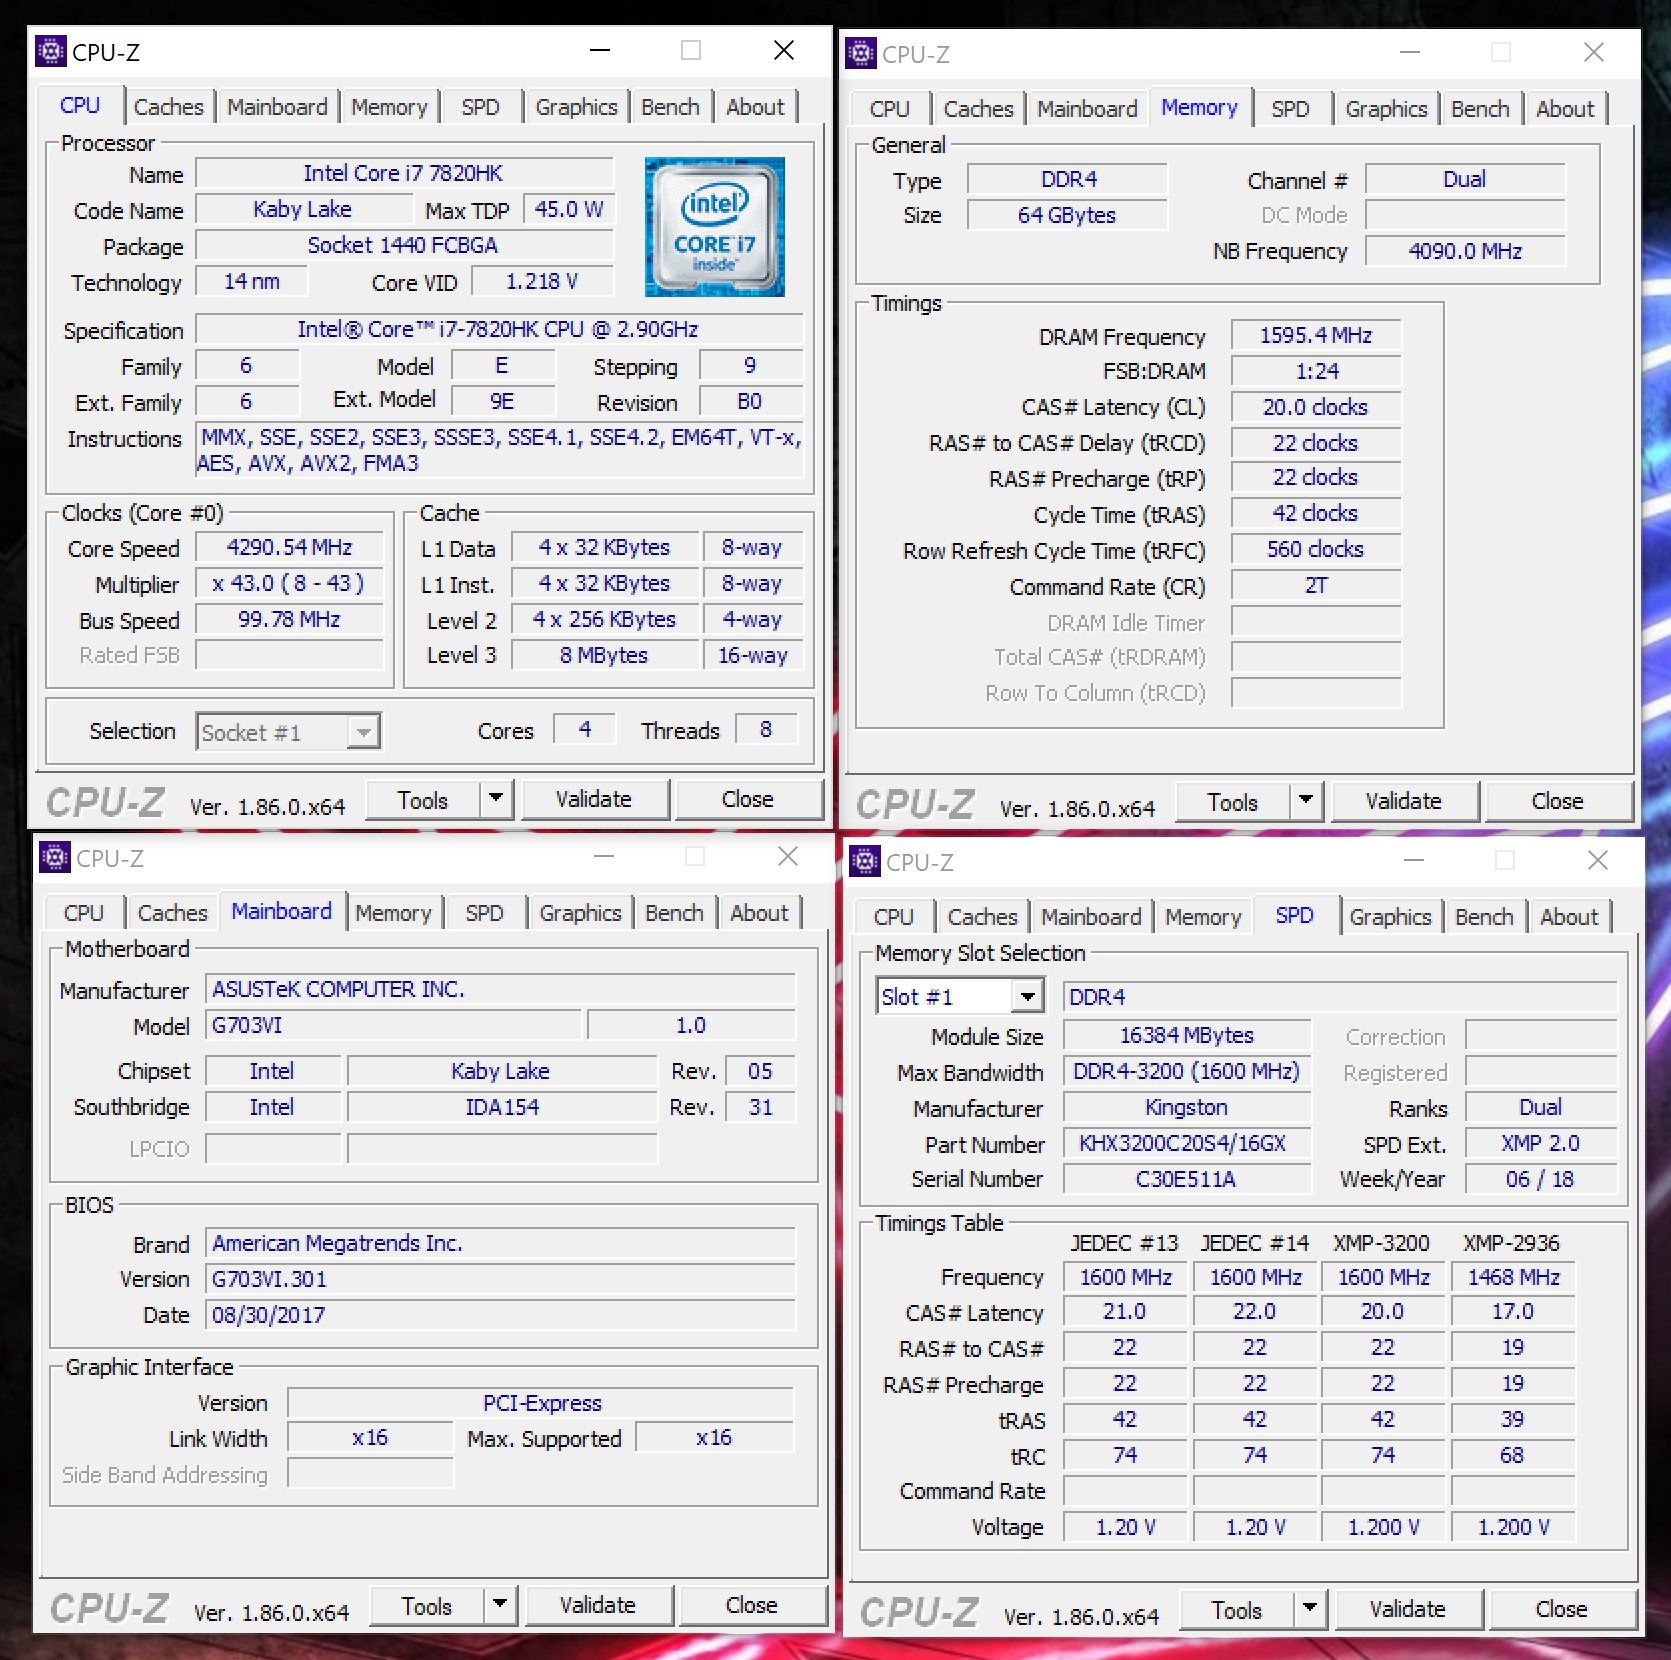 HyperX Impact DDR4 — SO-DIMM, который смог! Или для чего в ноутбуке 64 ГБ памяти с частотой 3200 МГц? - 4